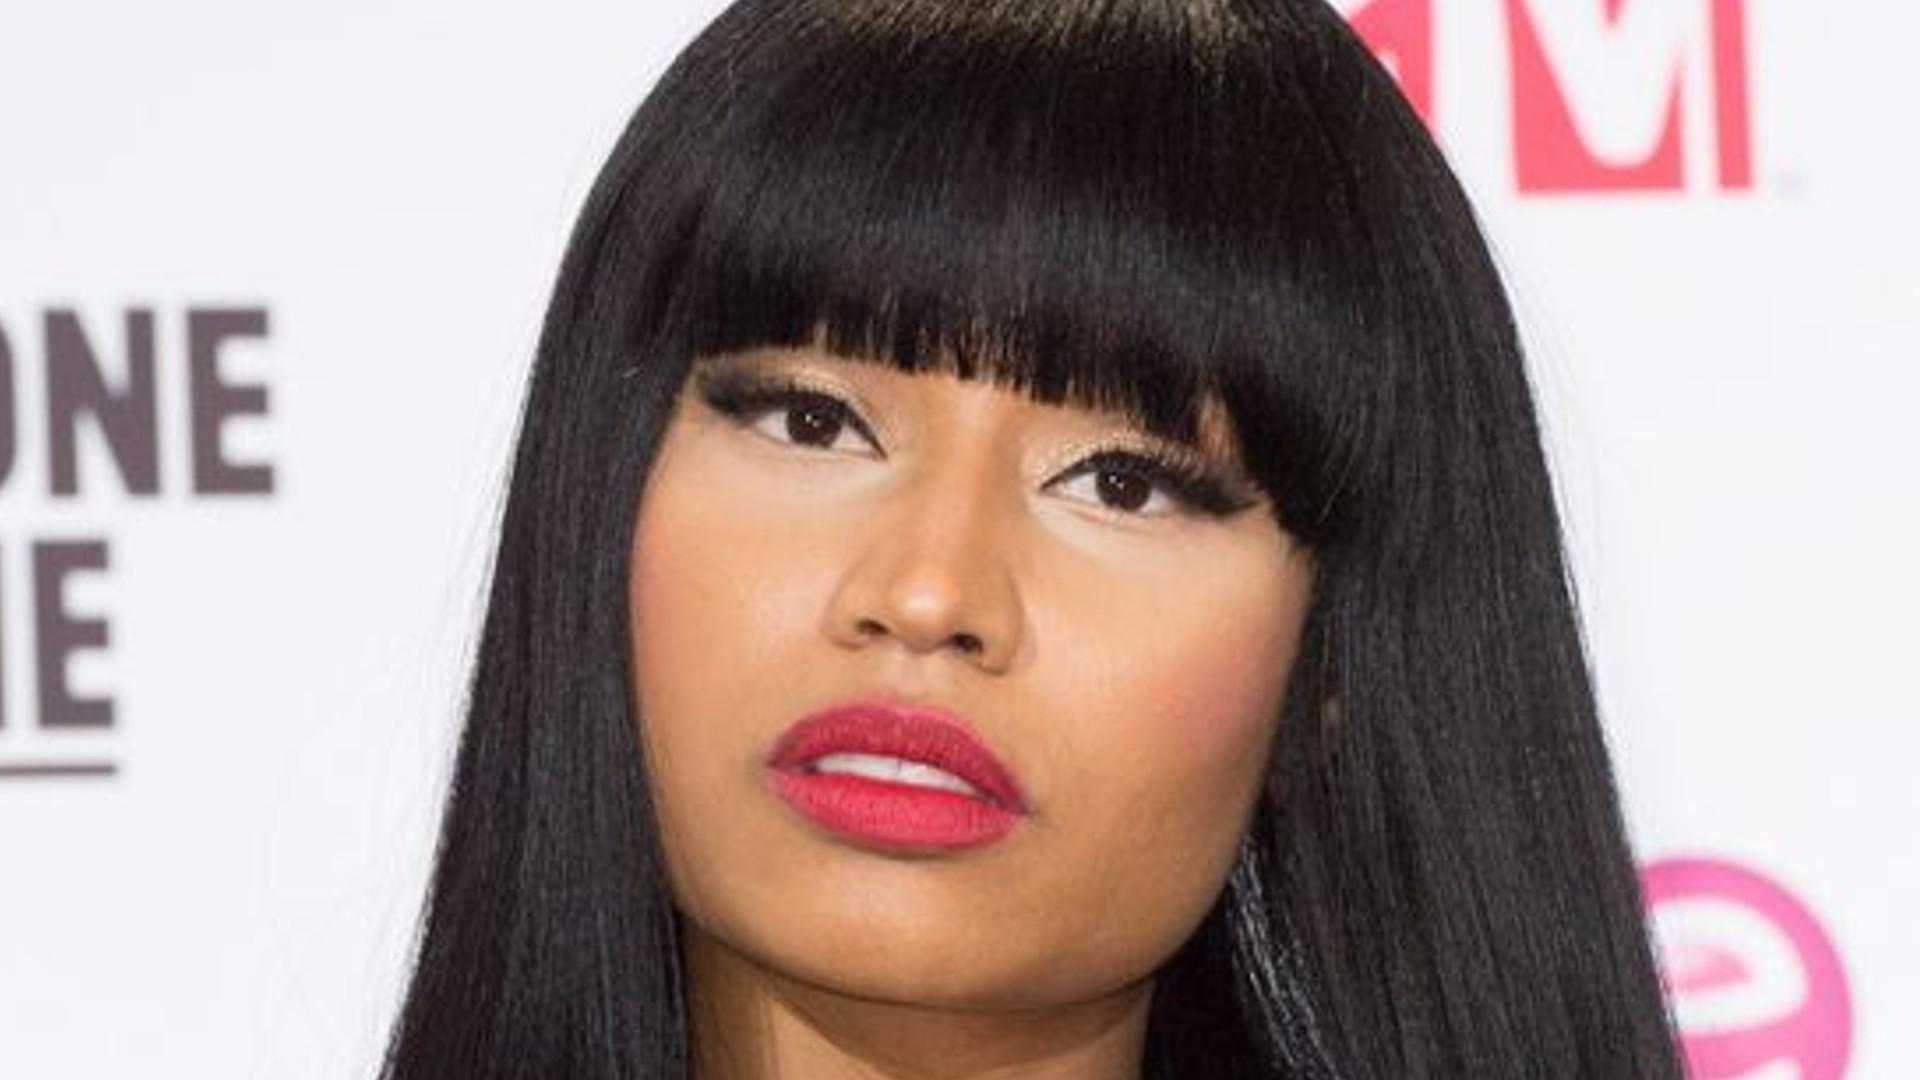 Ojciec Nicki Minaj ZGINĄŁ w tragicznych okolicznościach